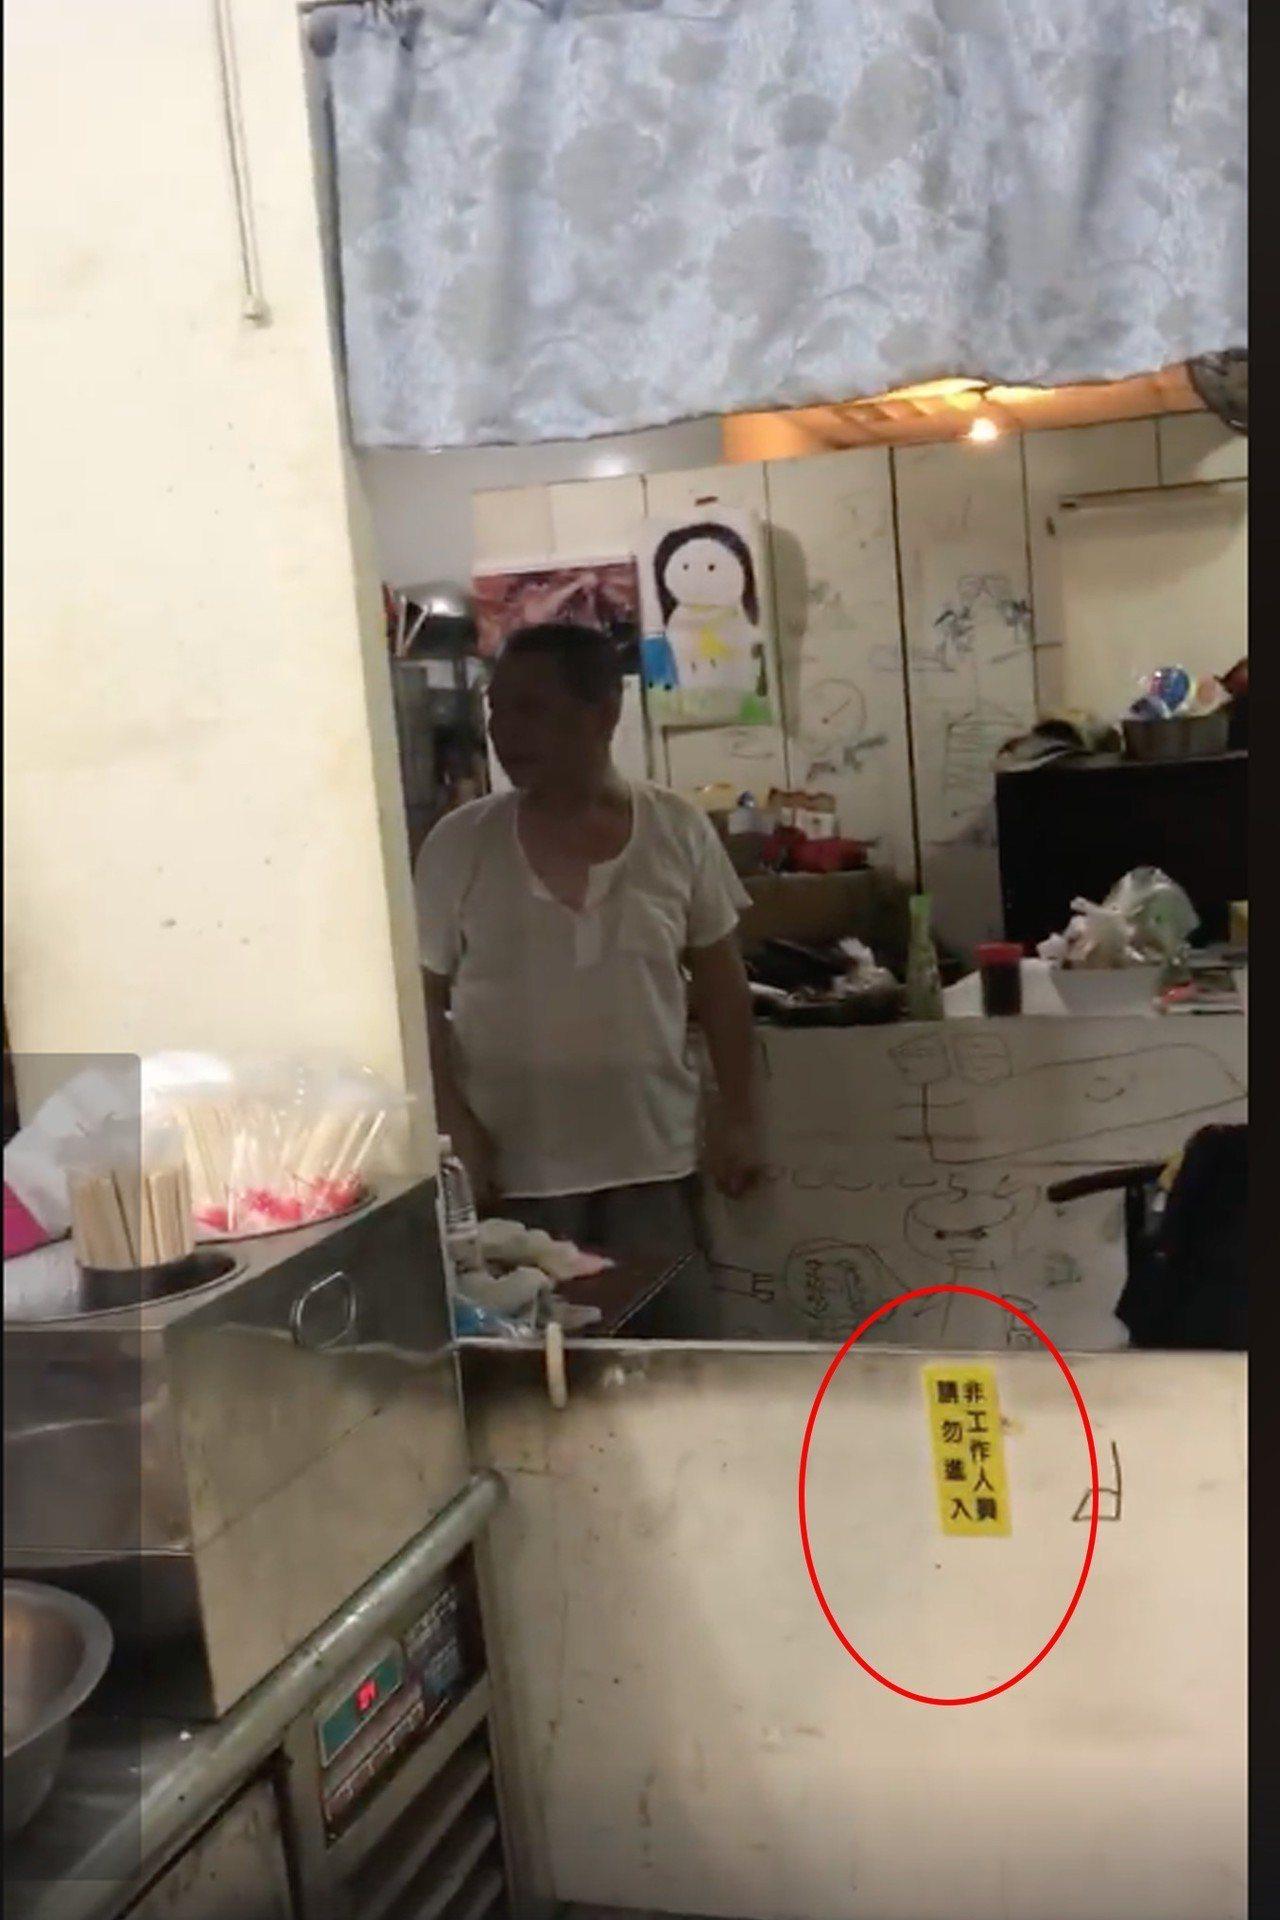 該名陸客完全無視店家告示,強行進入櫃檯。圖擷自網友臉書